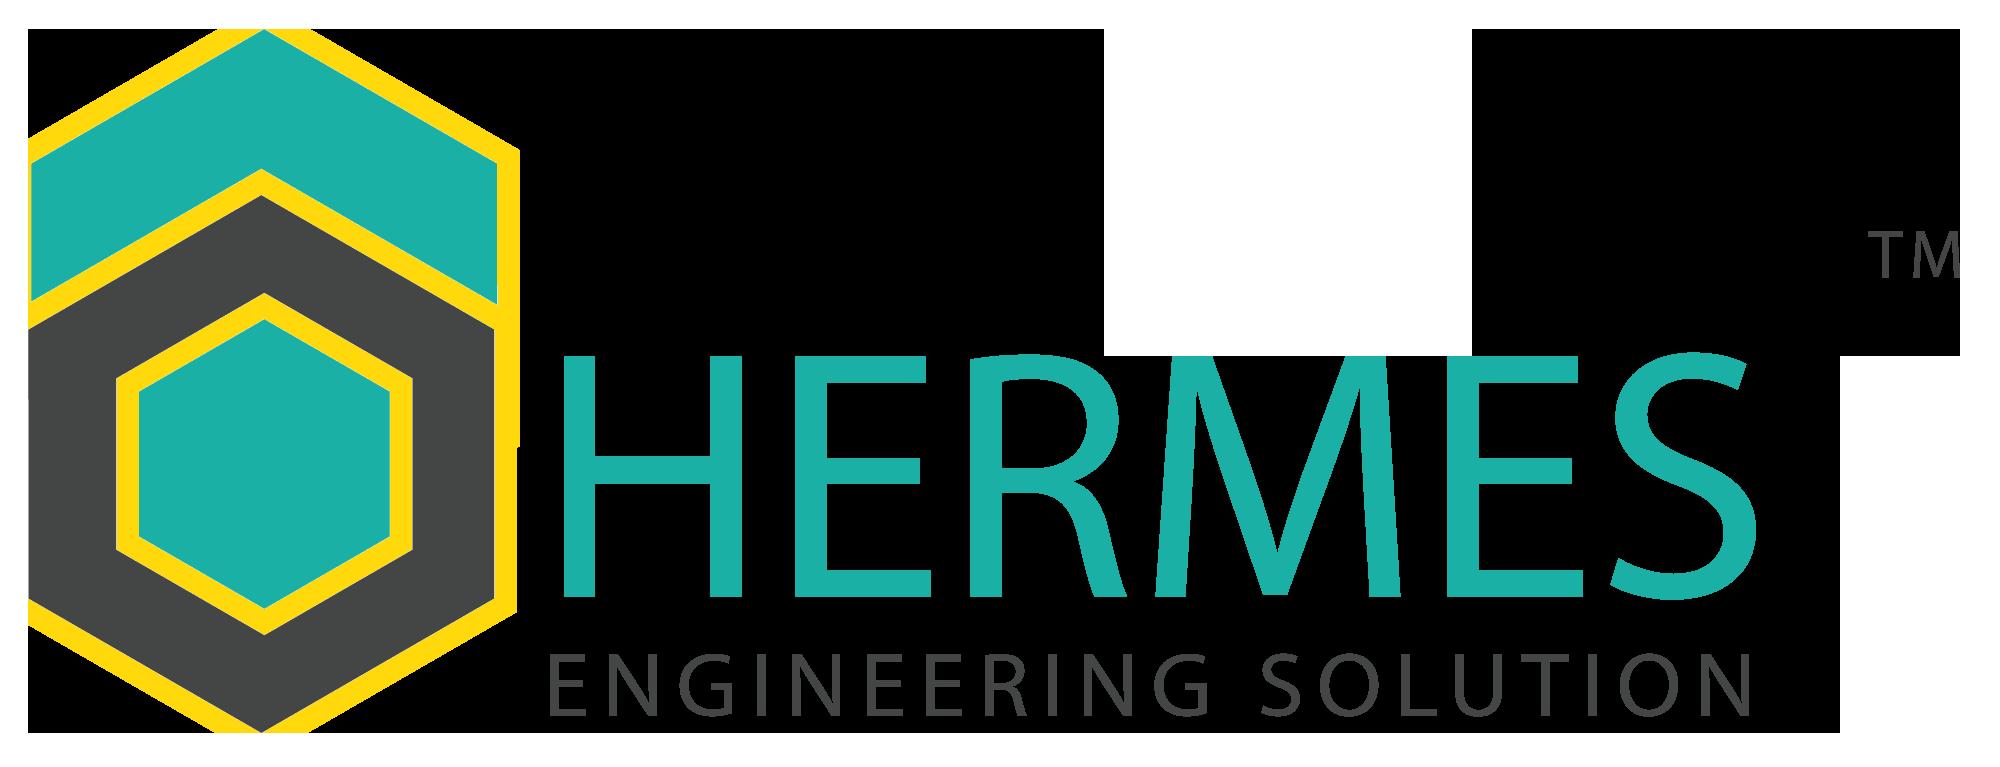 Hermes Engineering Solution